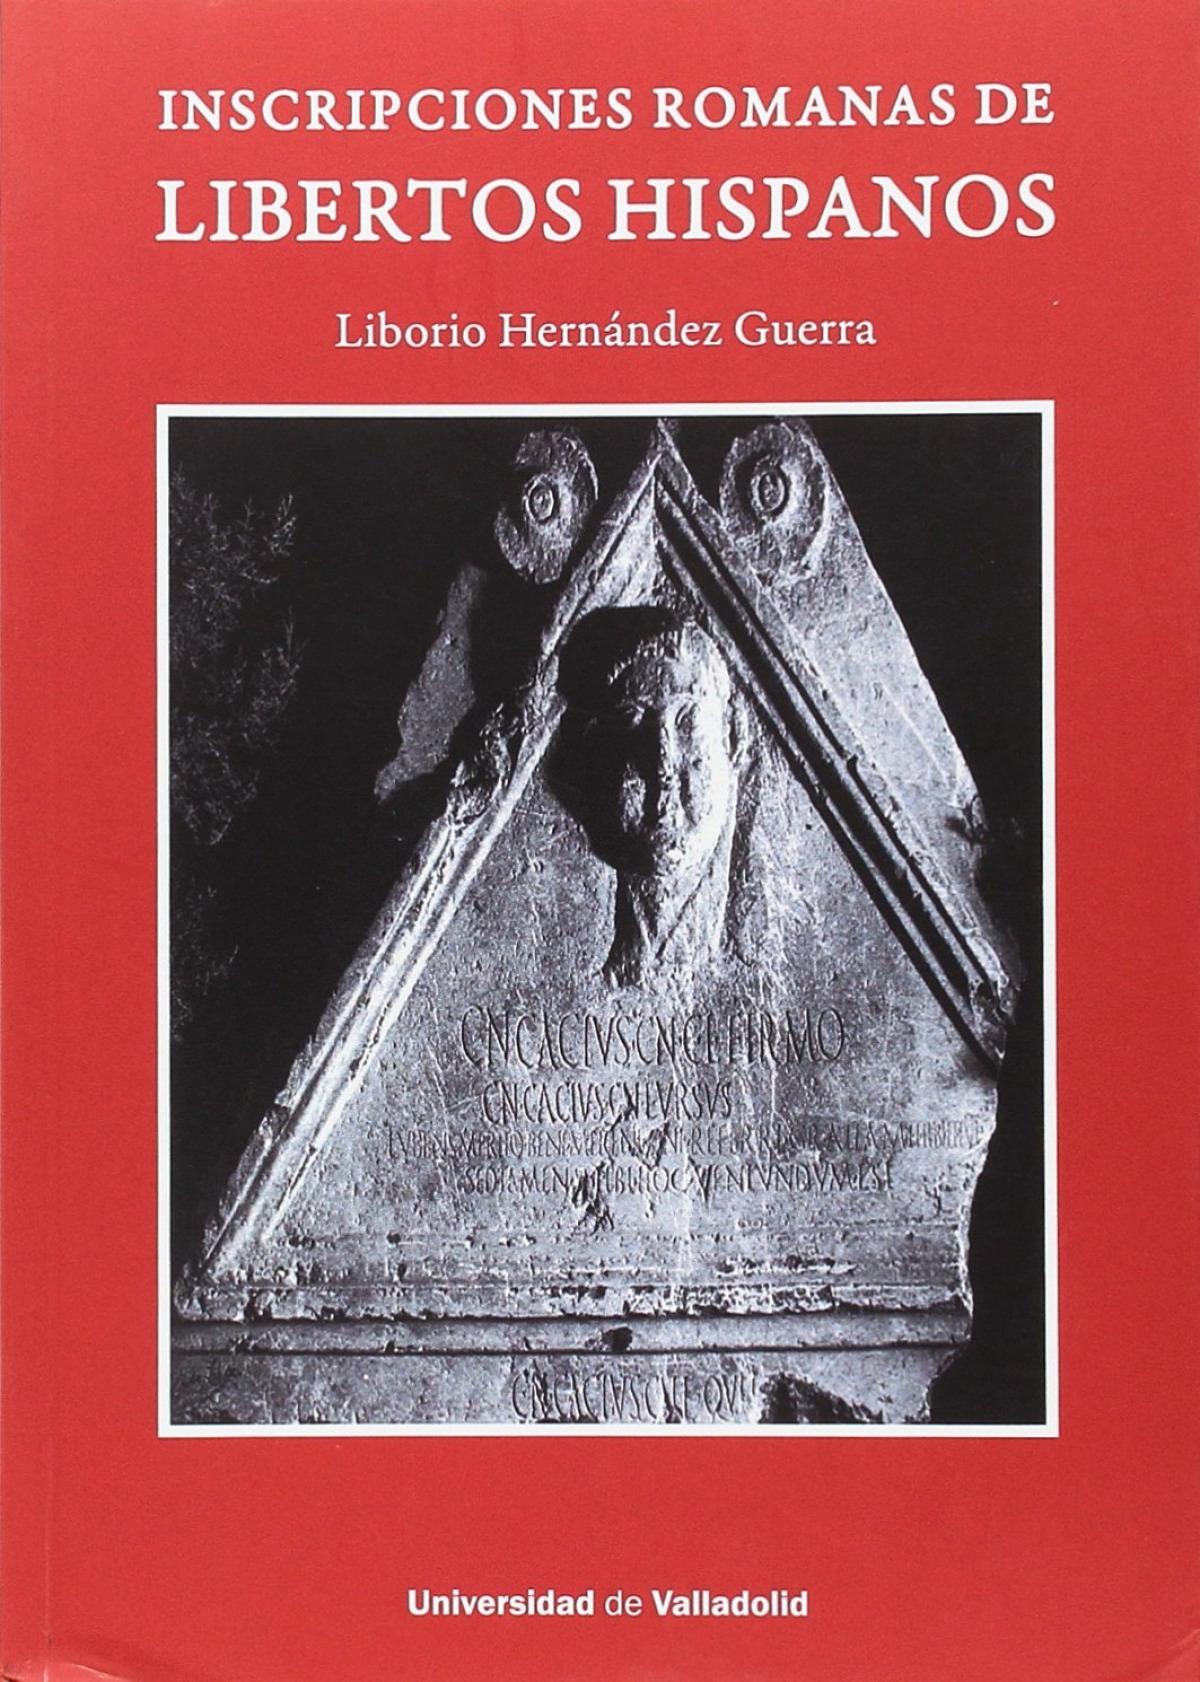 Inscripciones romanas de libertos hispanos - Hernandez, Liborio